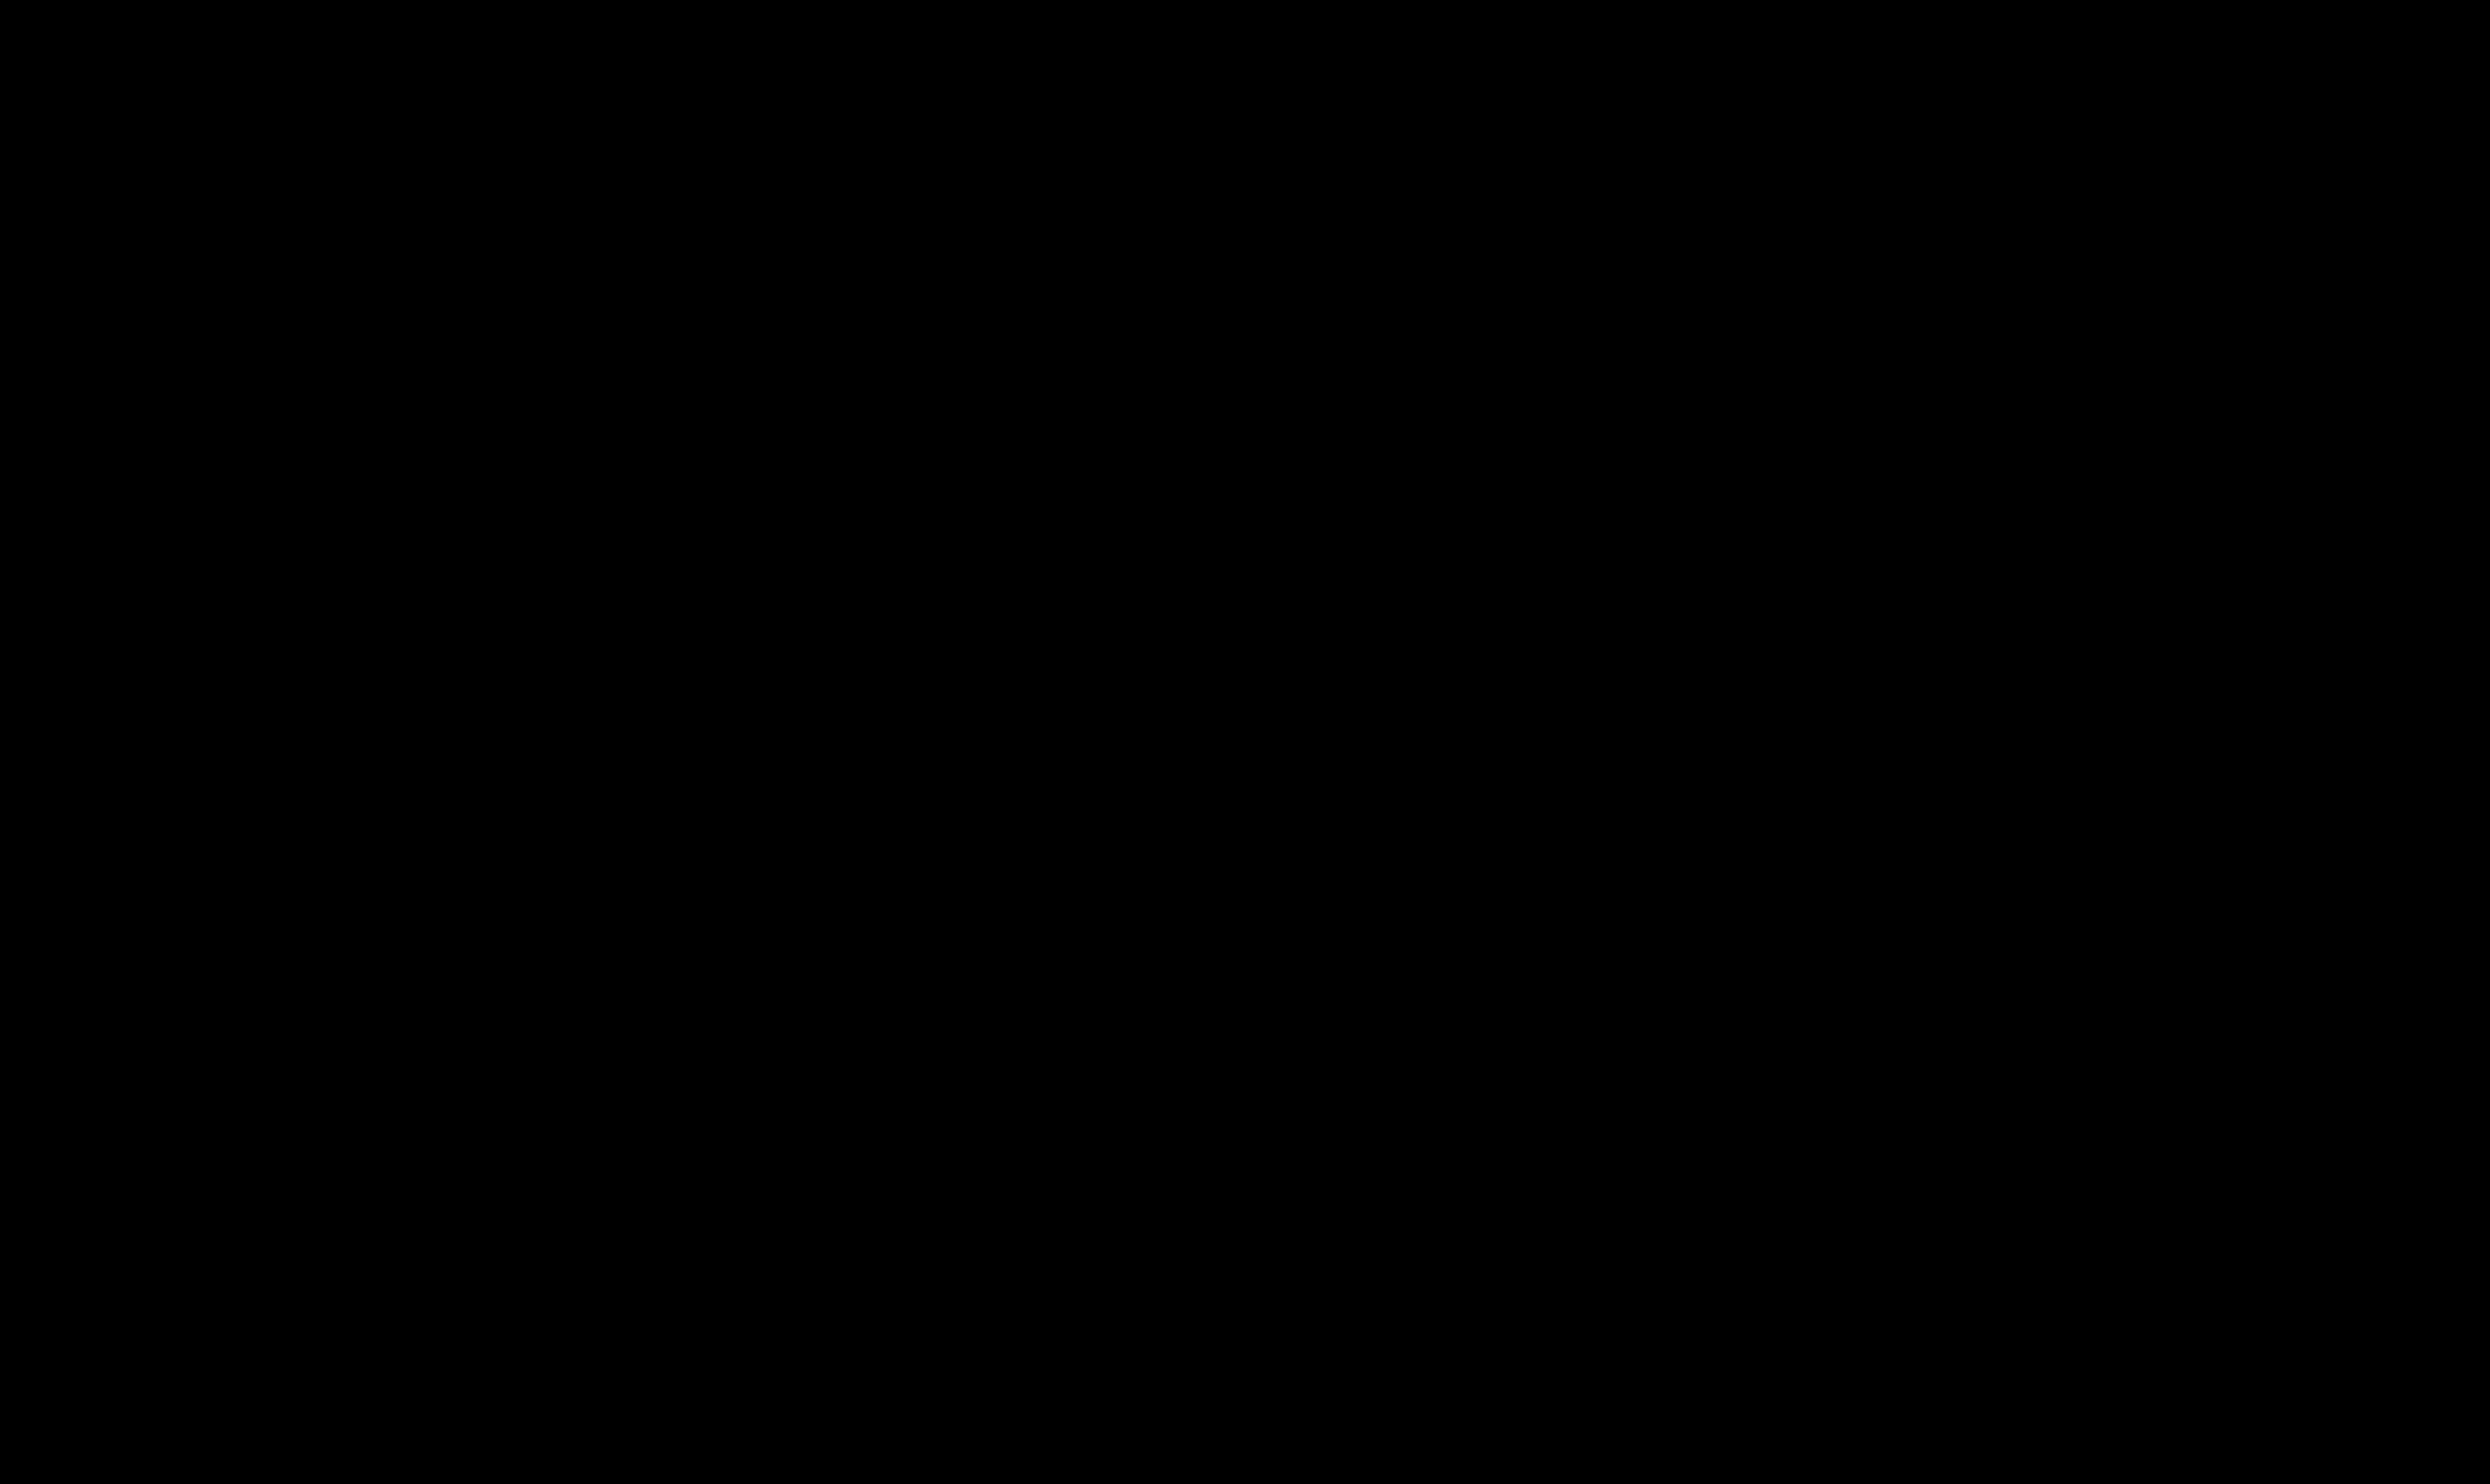 Maculaser-logo